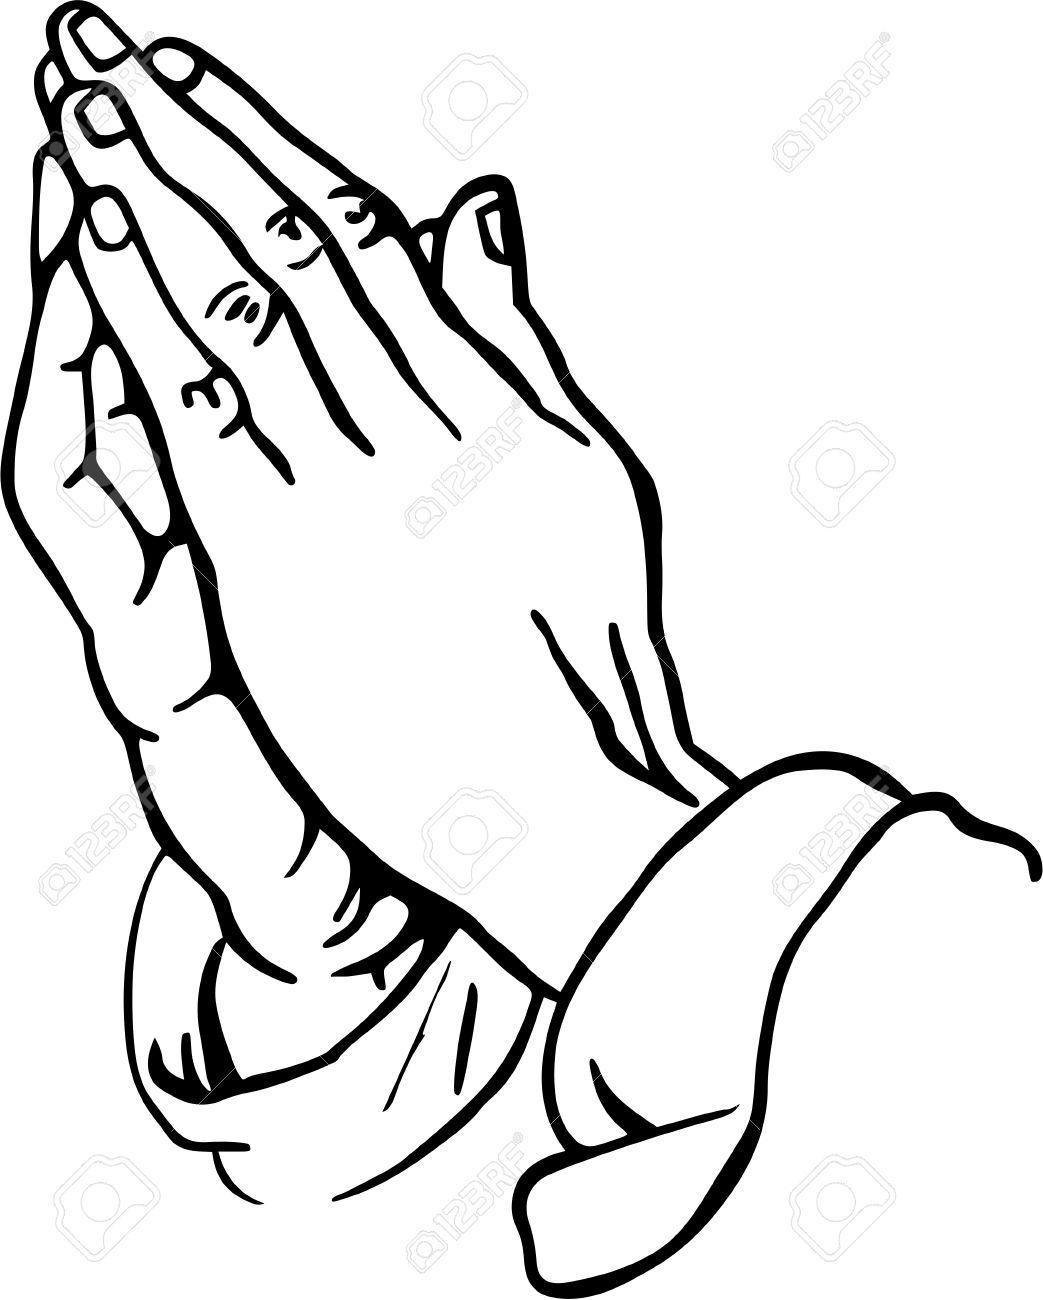 Stock photo craft ideas. Hands clipart prayer